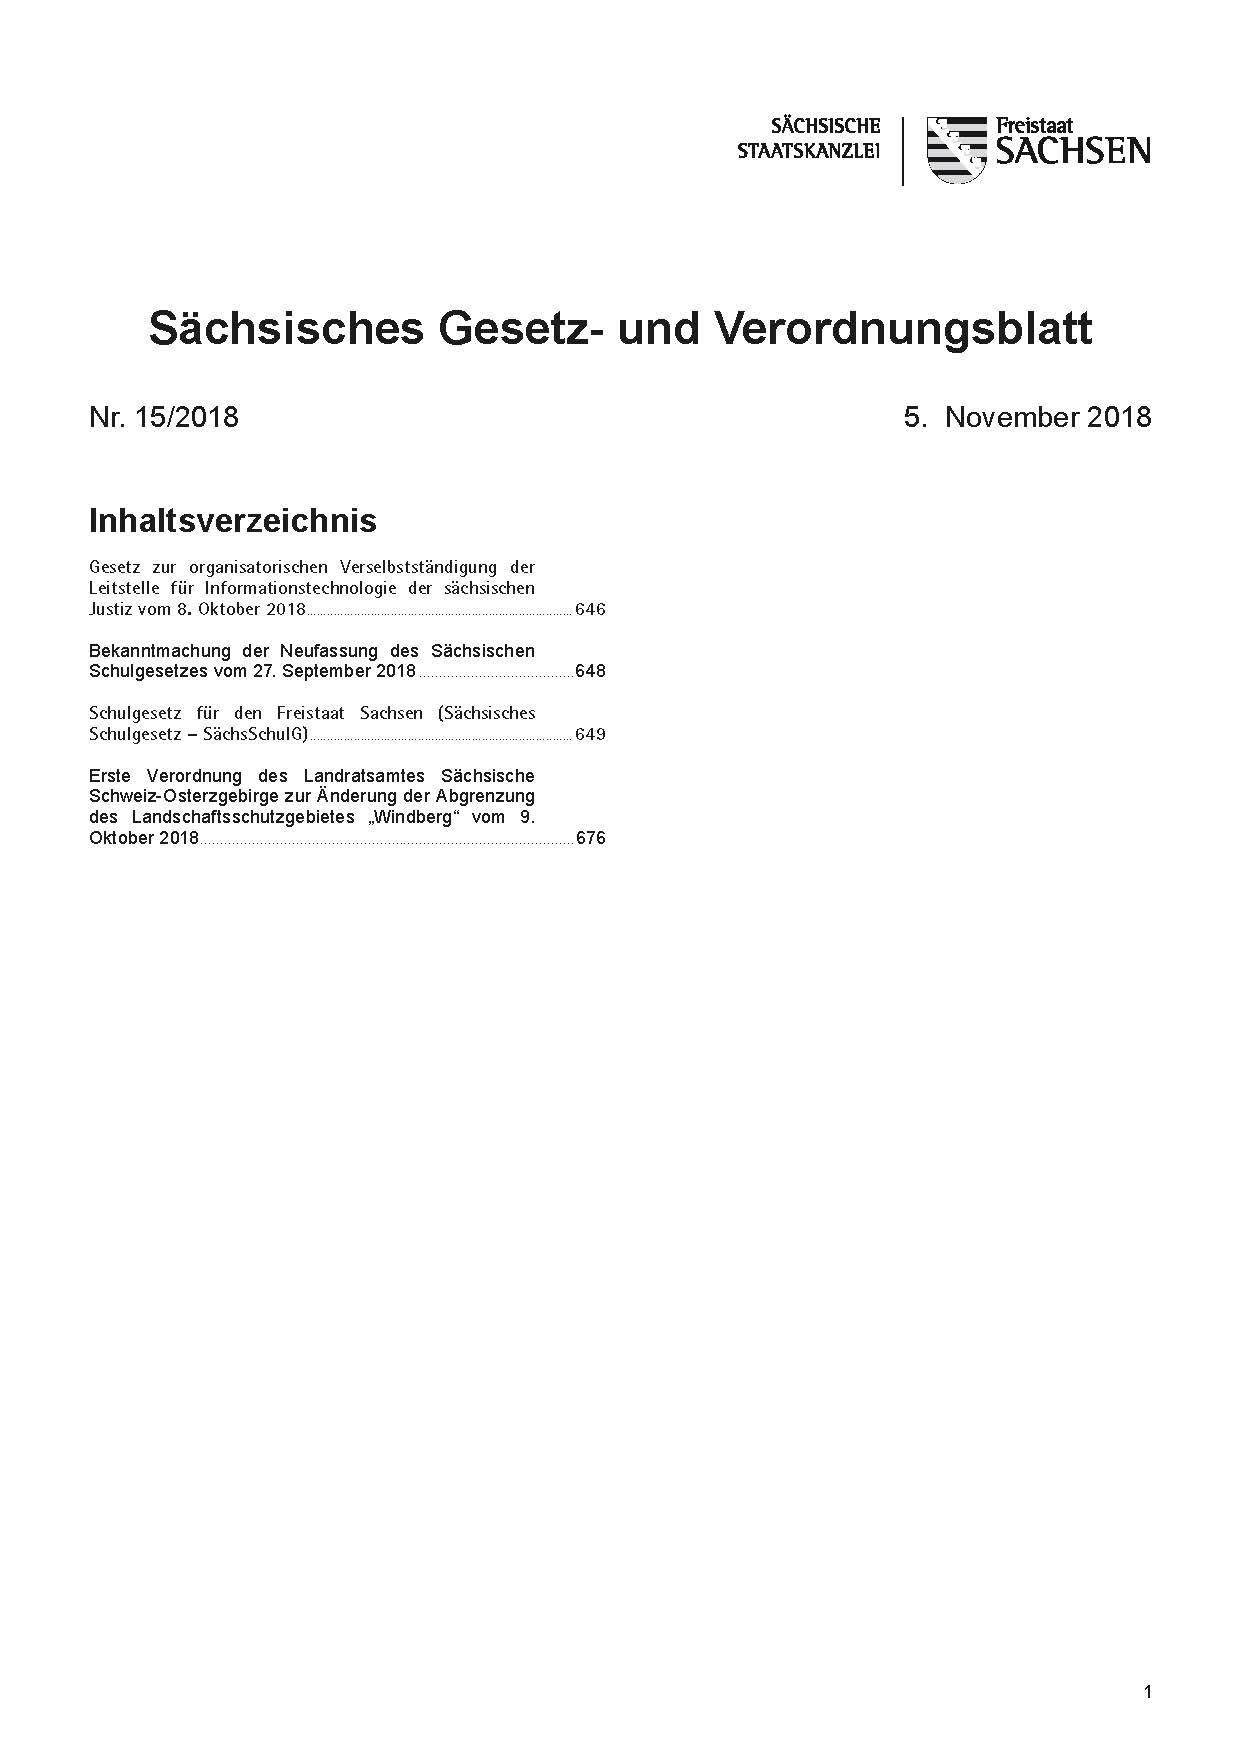 Sächsisches Gesetz- und Verordnungsblatt Heft 05/2021